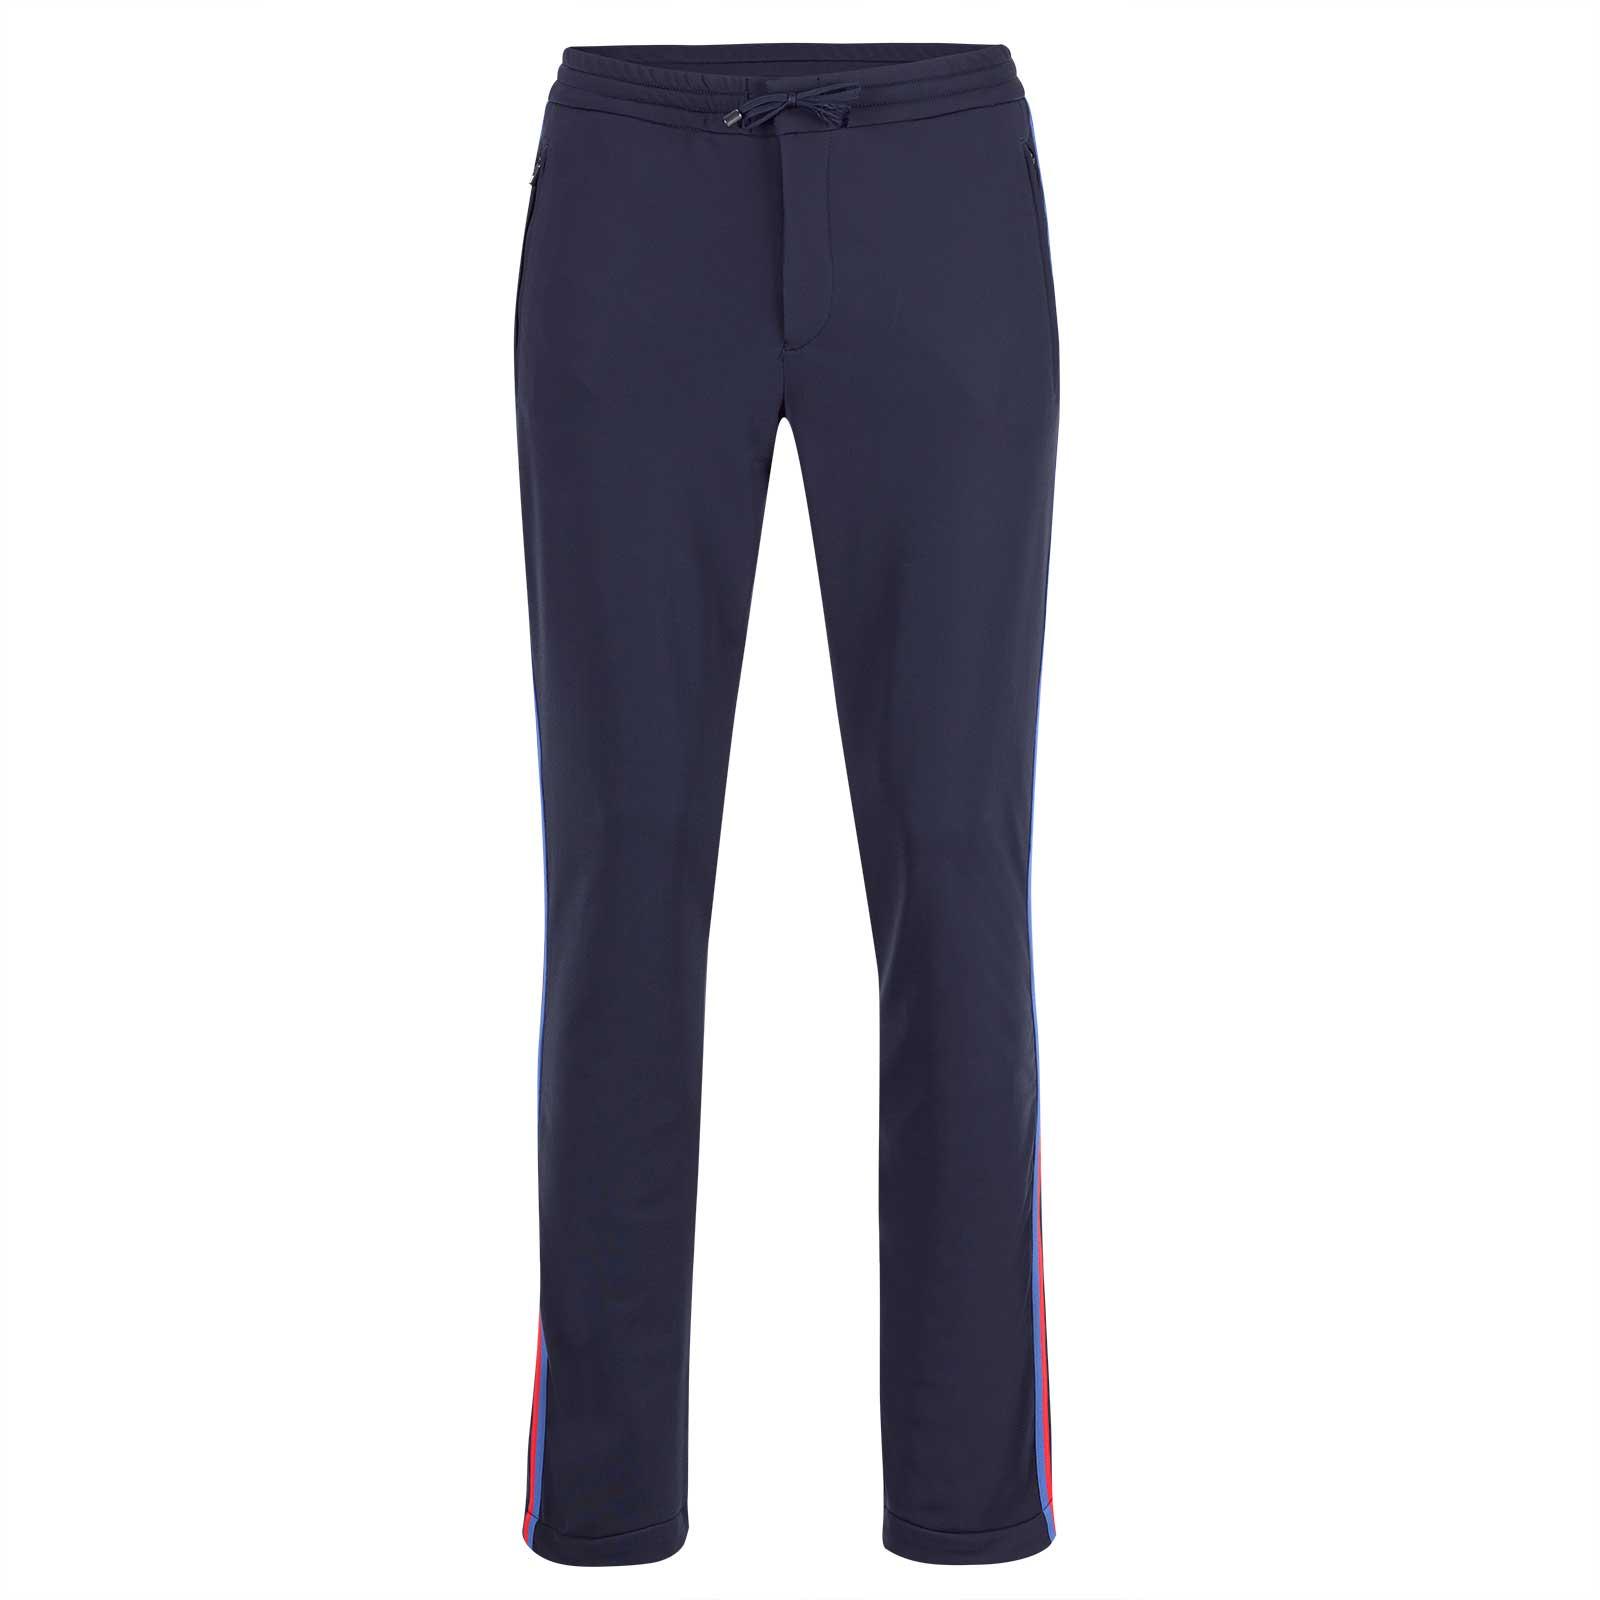 Herren Slim Fit Comfort Golfhose mit 4-Way-Stretch und elastischem Bund